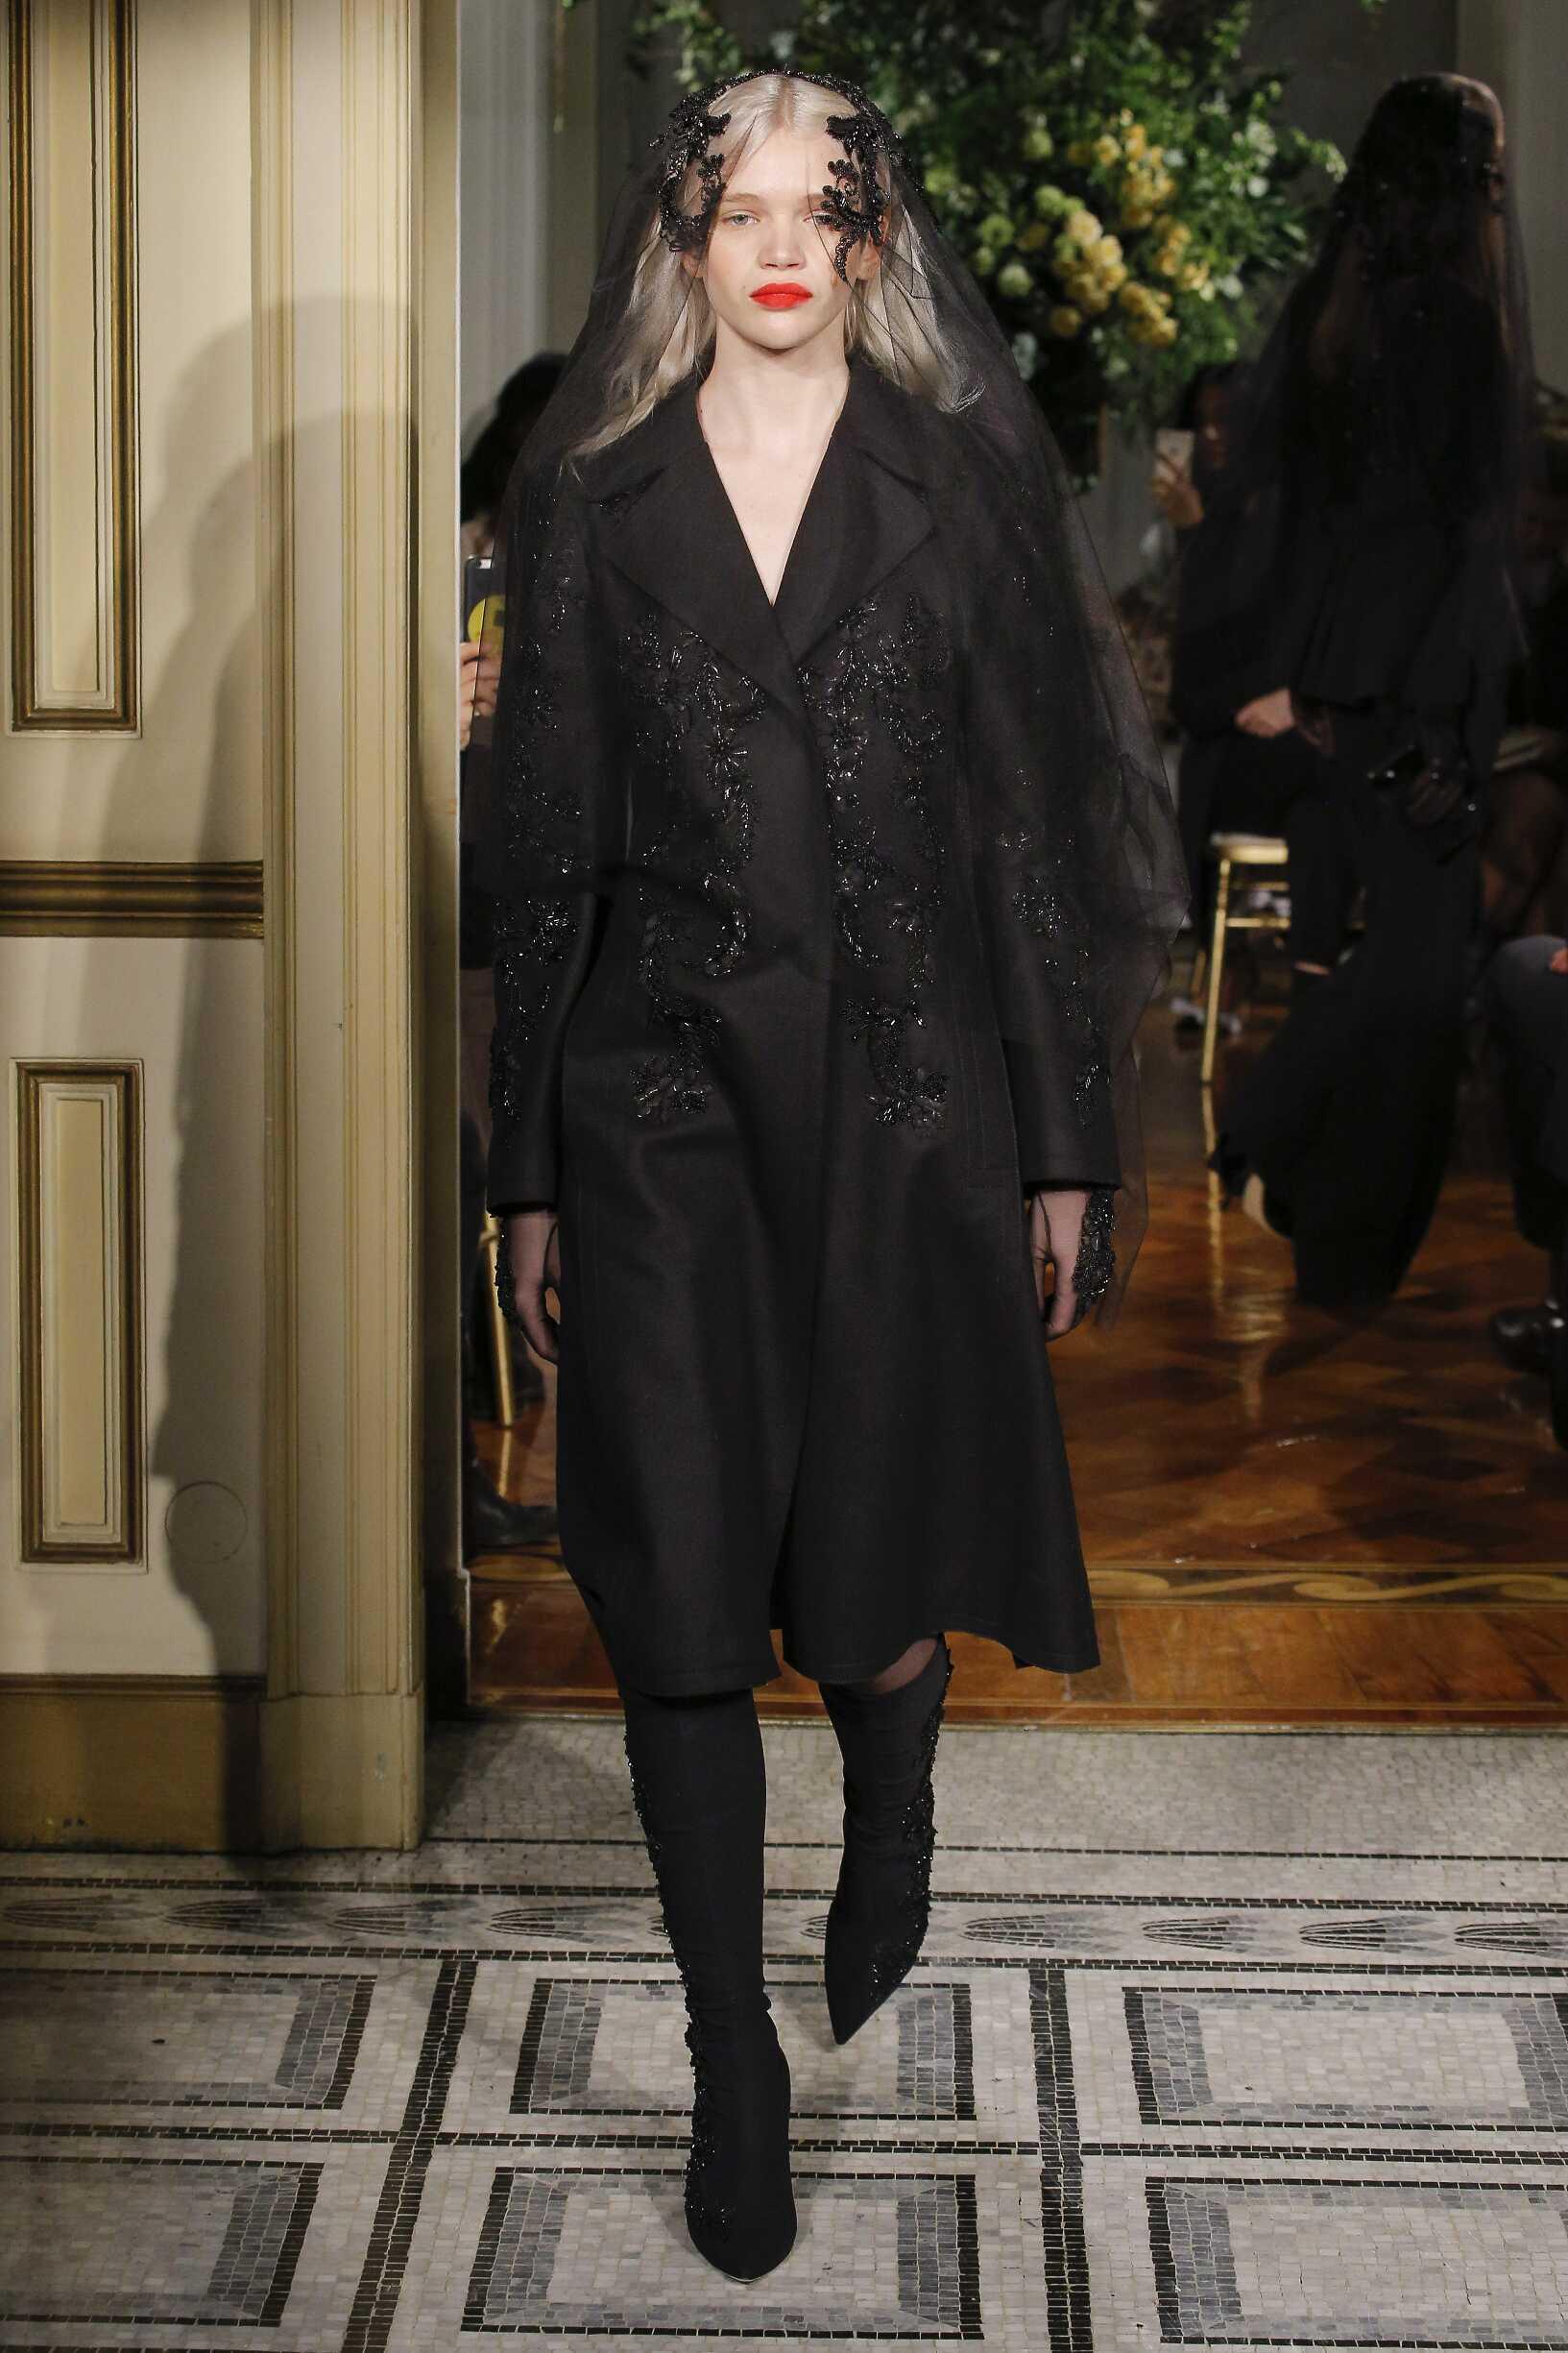 Alberta Ferretti Limited Edition Women's Collection 2017